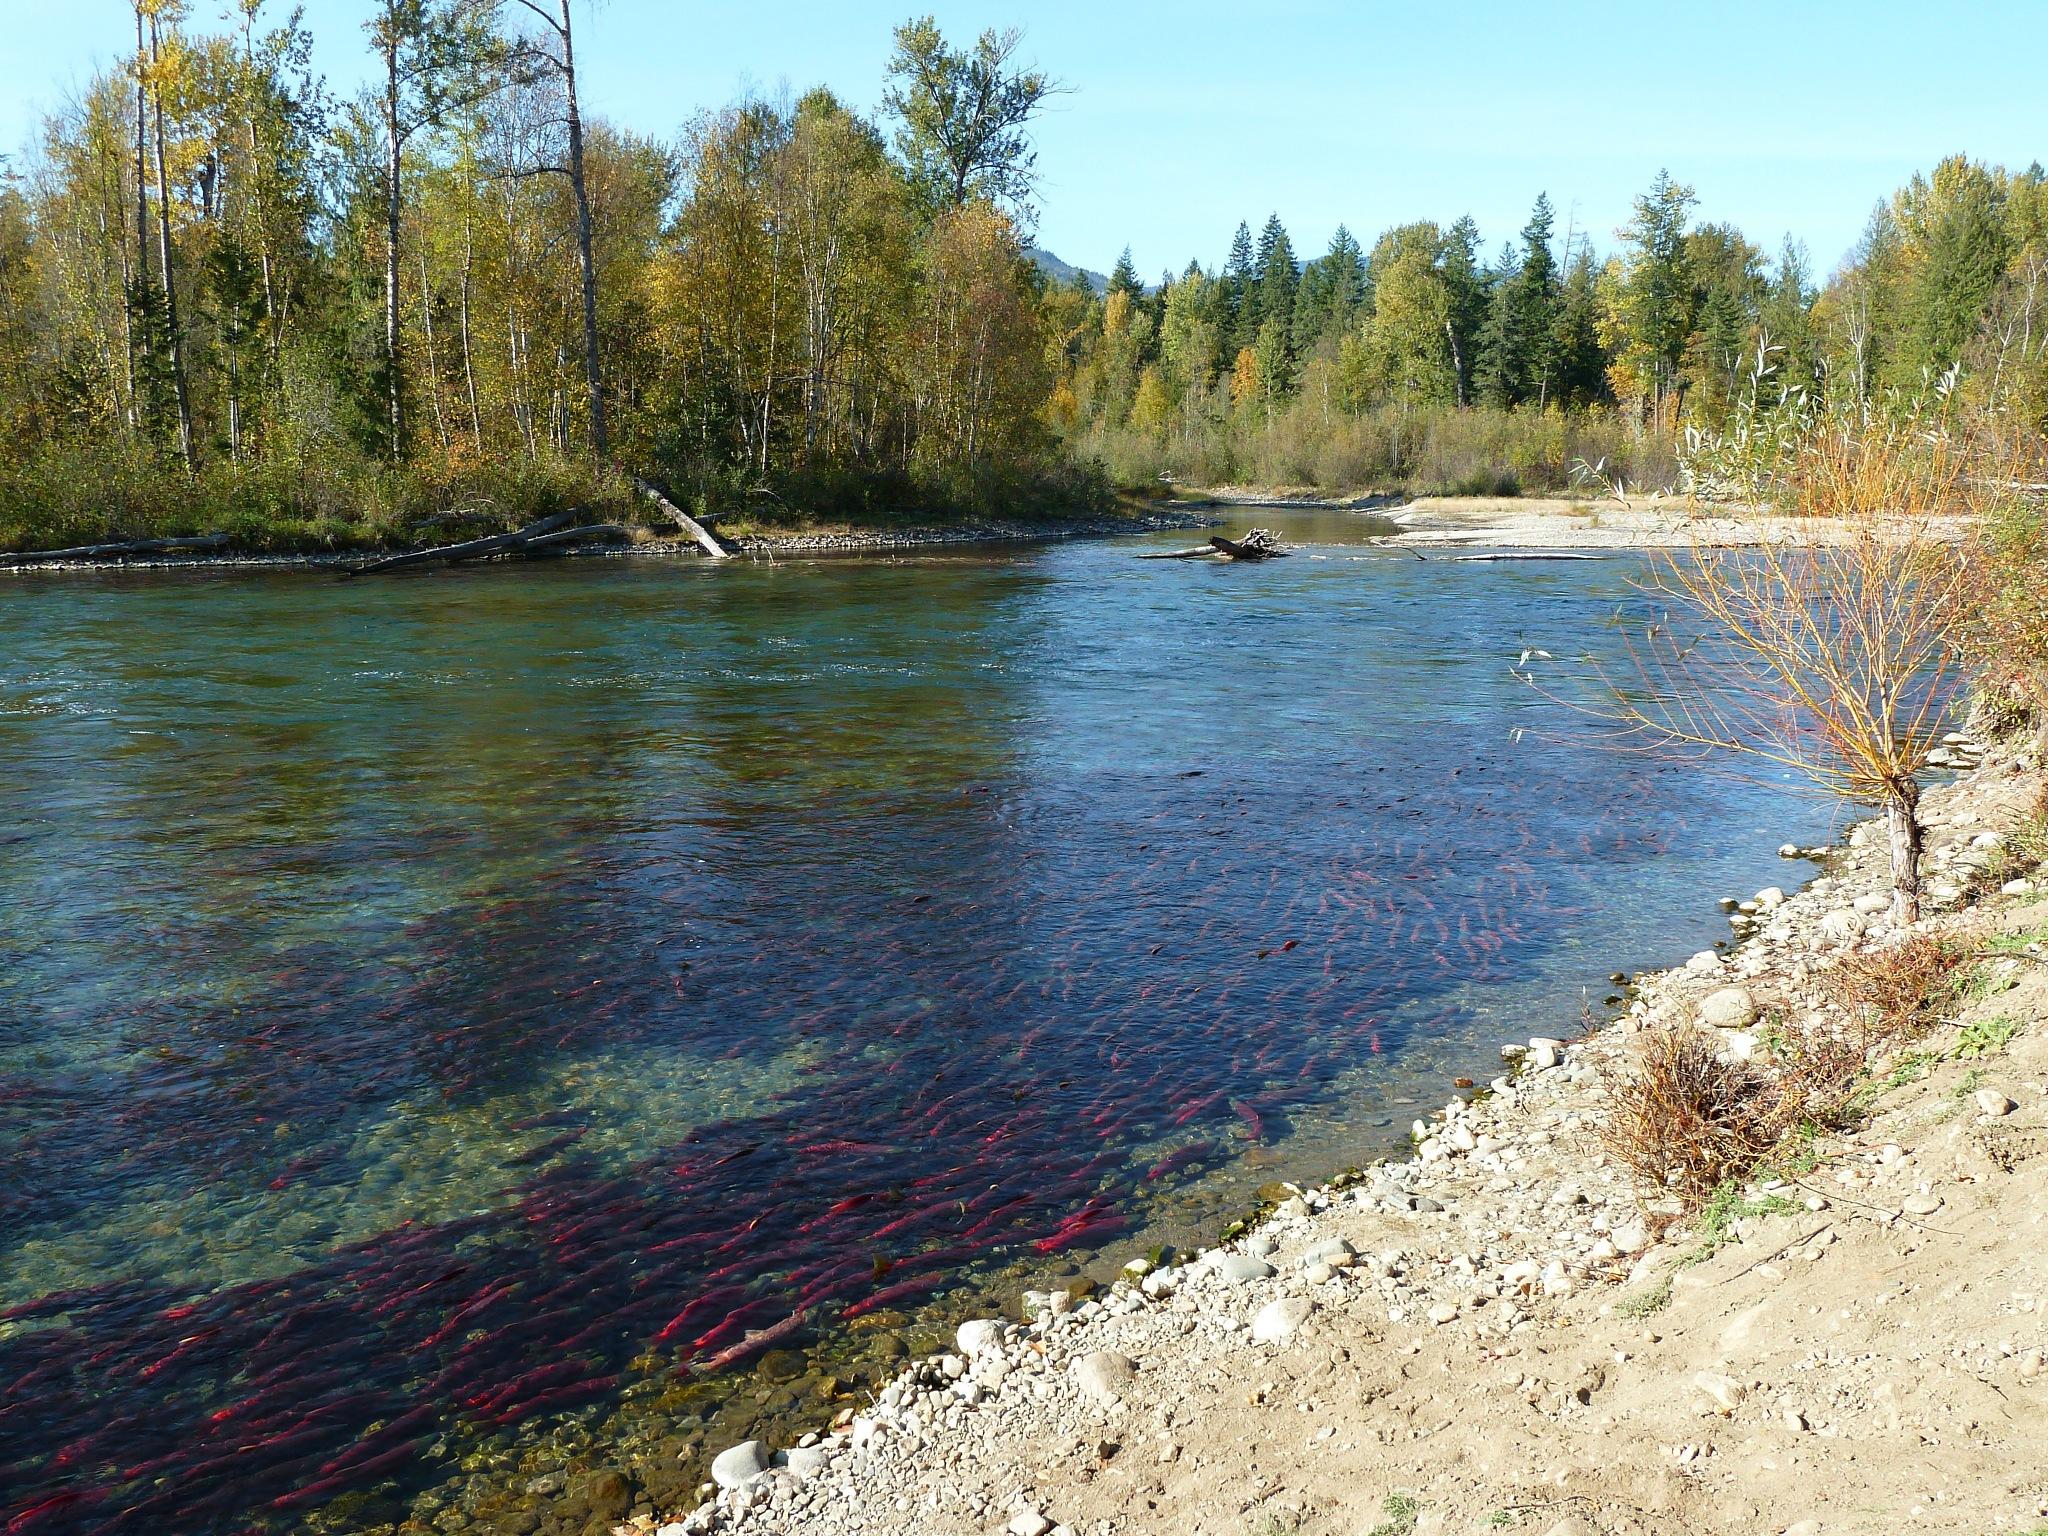 Salmon Run by Brigitte Werner